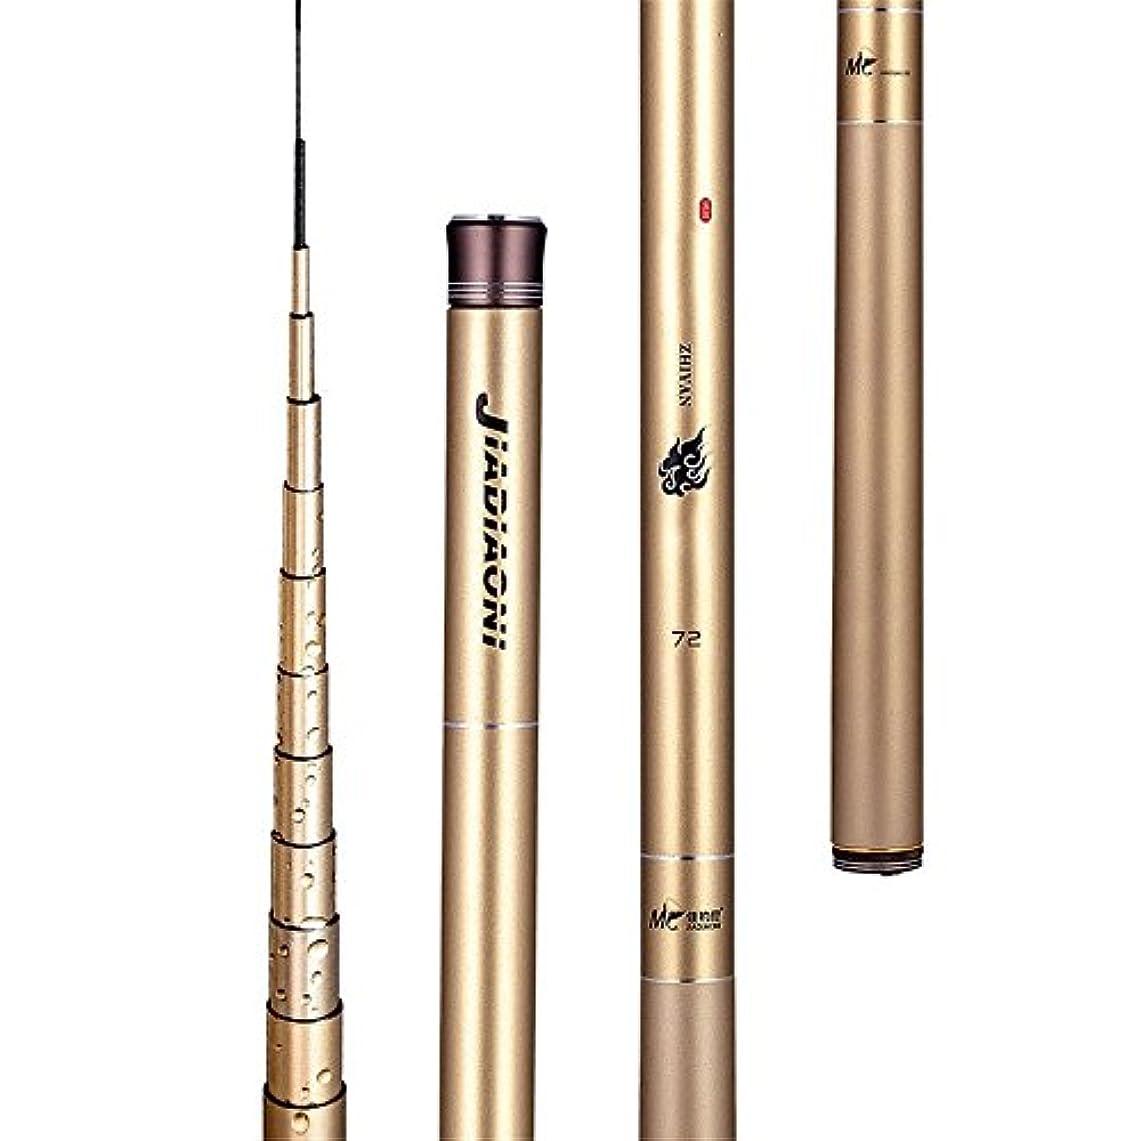 テレマコススペイン語突っ込む釣り ロッド 釣り竿炭素鋼棒釣り用品池リバーサイドに適した釣り竿 (サイズ : 6.3m)